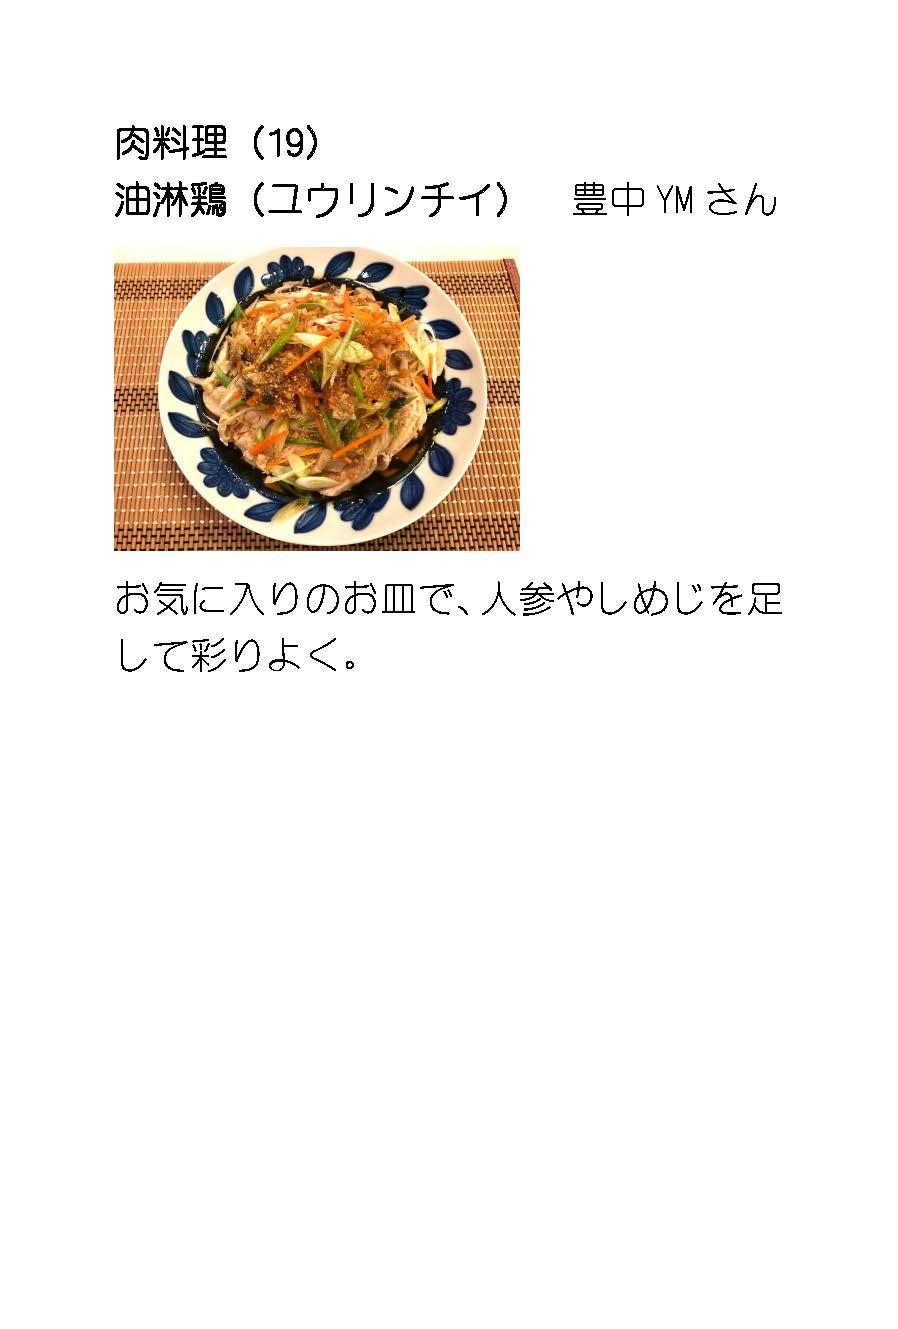 肉料理(19) 油淋鶏(ユウリンチイ)